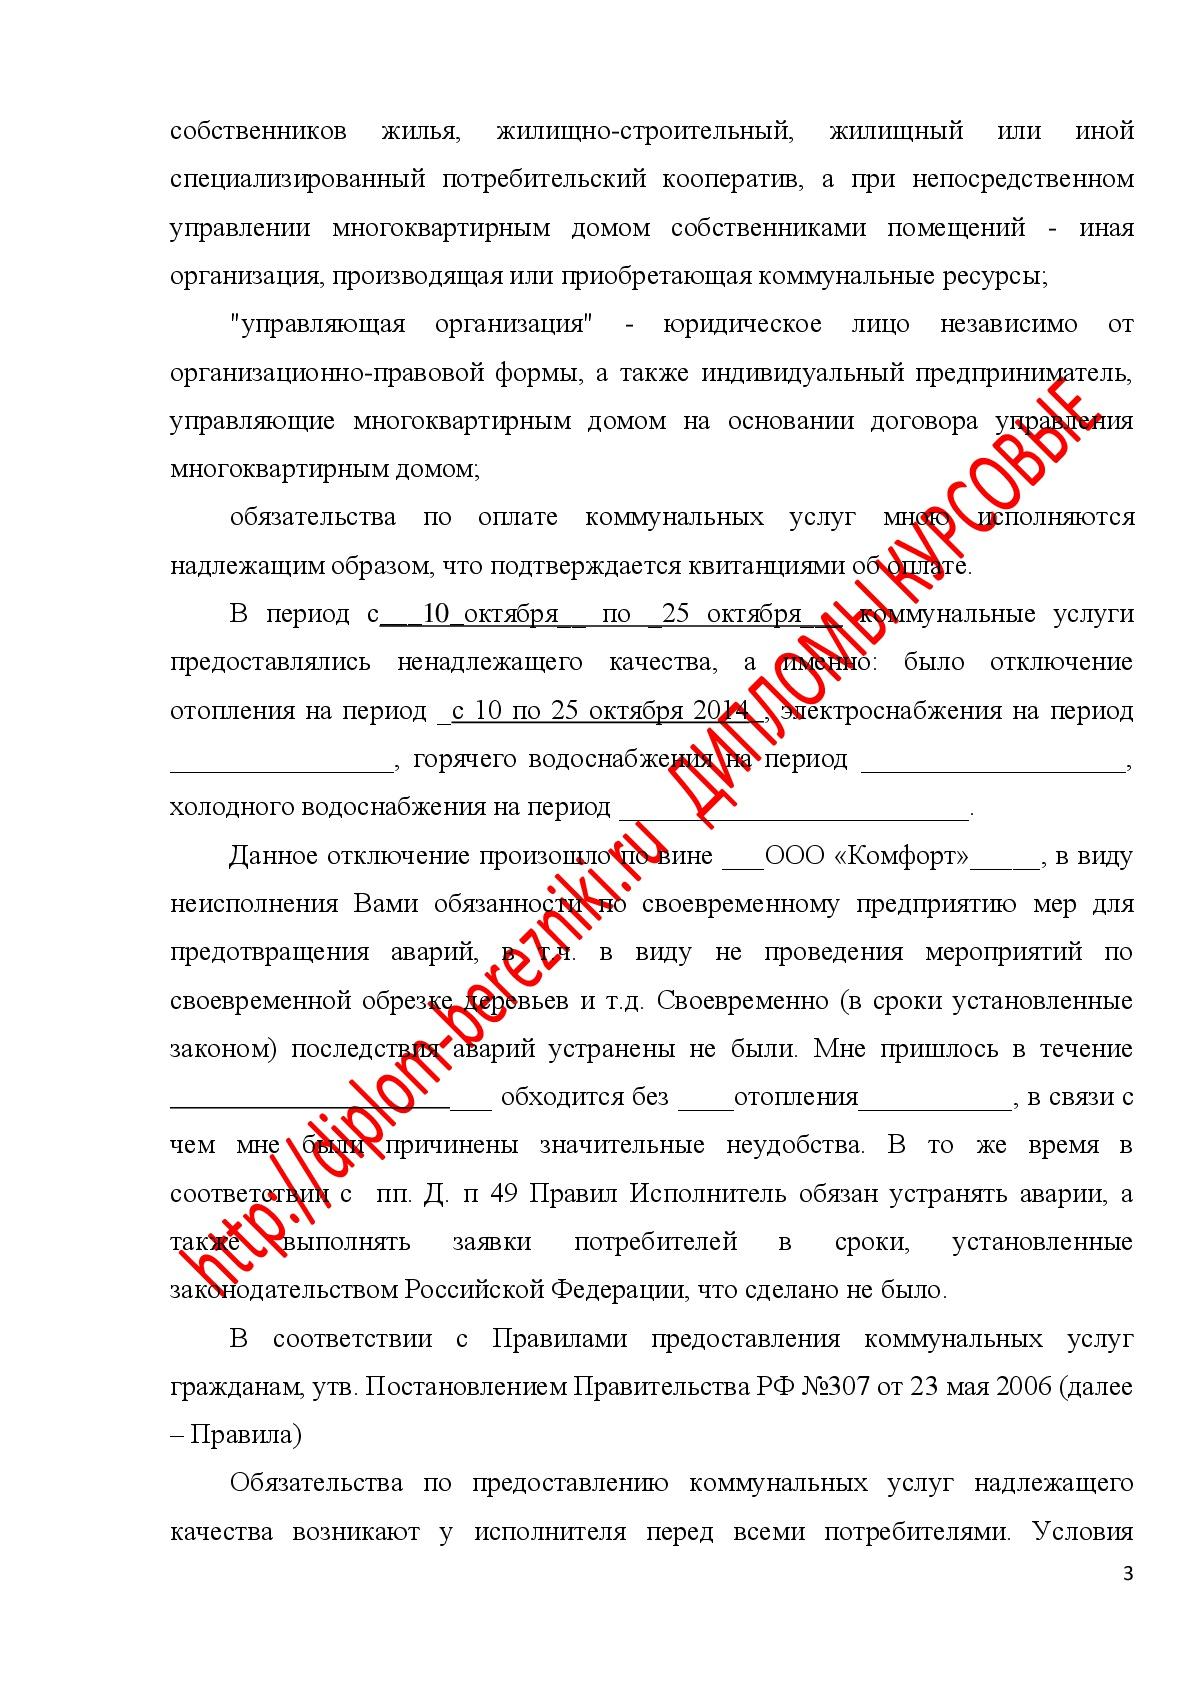 Выполните практическое задание с учетом основ юридической техники требований предъявляемых к оформлению реквизитам языку документа терминологии и стилю составьте юридический документ  претензию